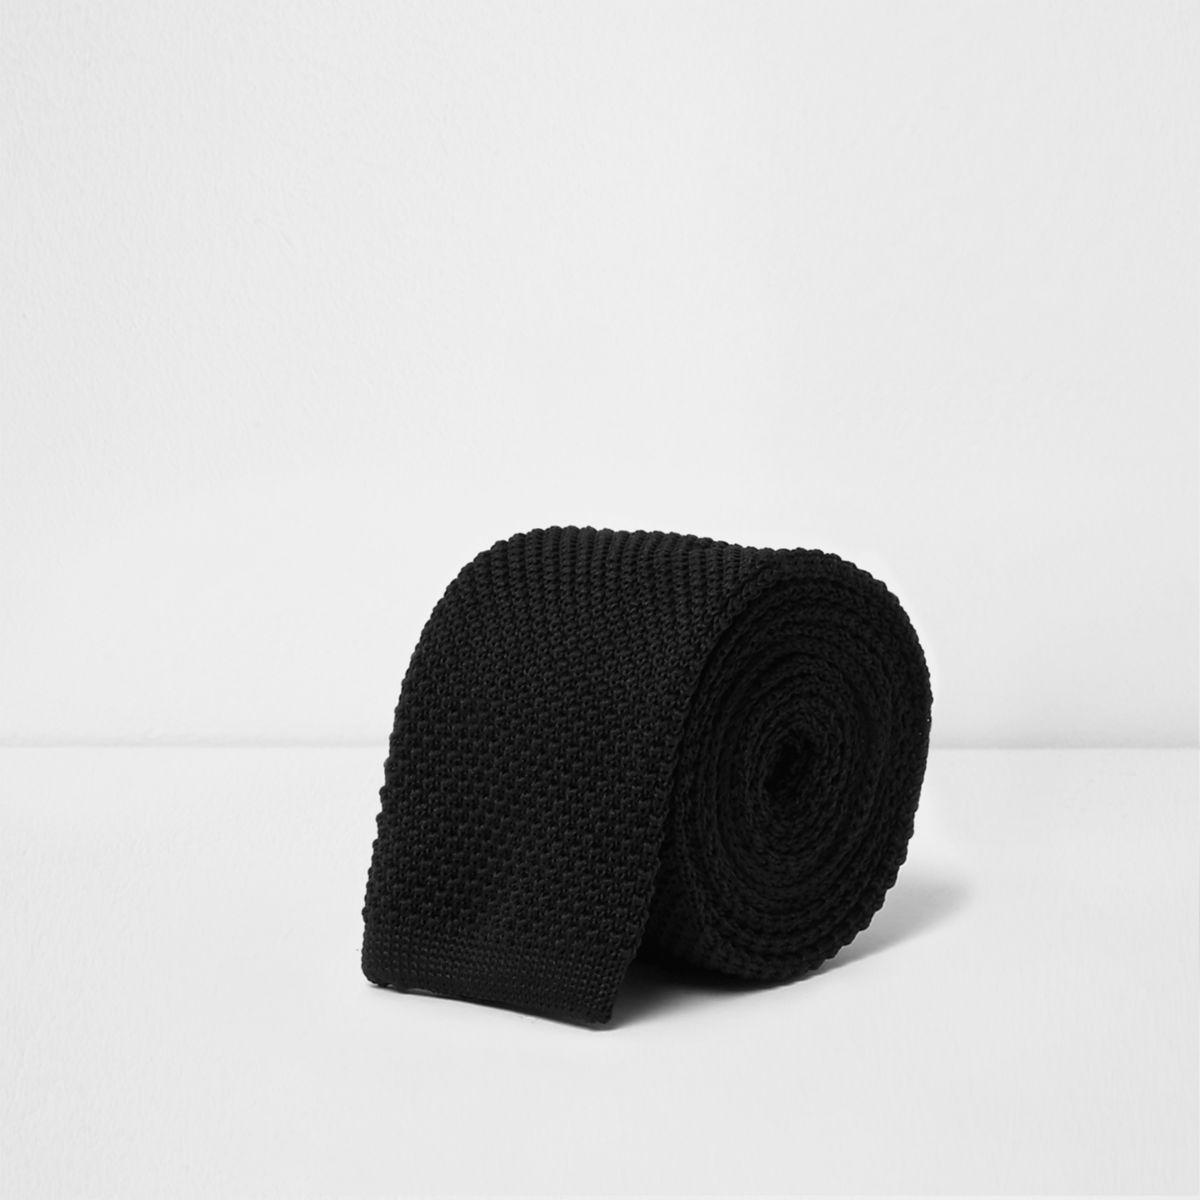 Cravate en maille noire